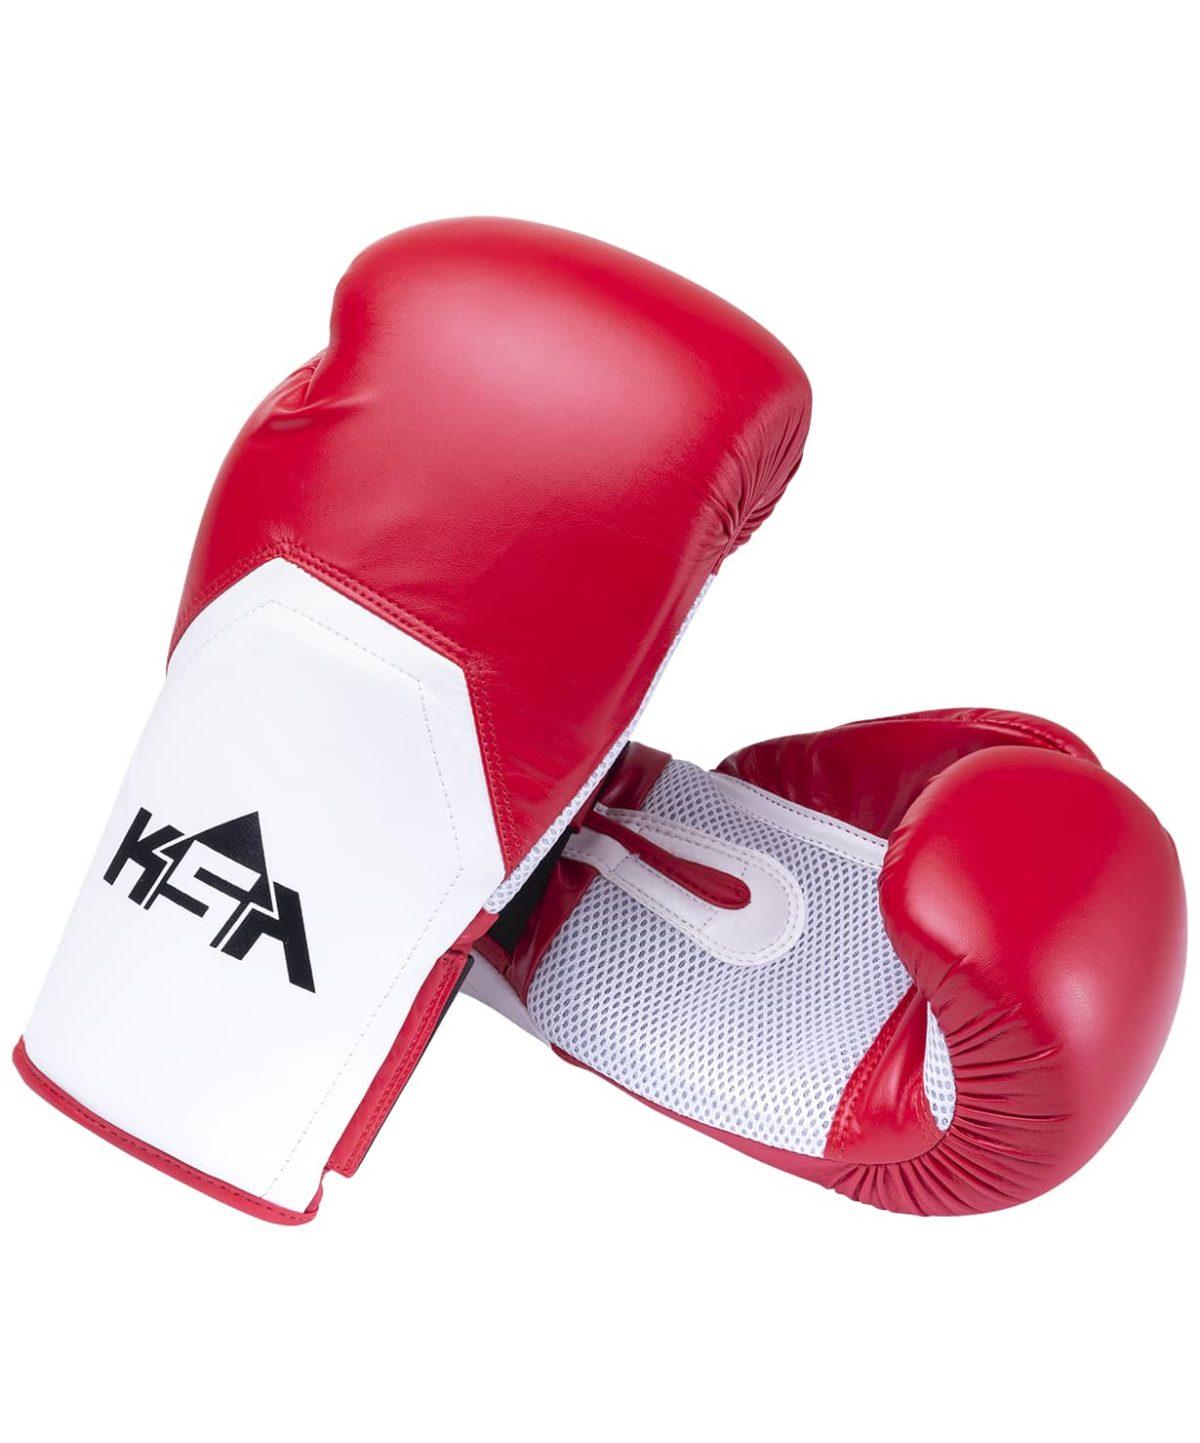 KSA Scorpio Red Перчатки боксерские, 12 oz, к/з 17825: красный - 1